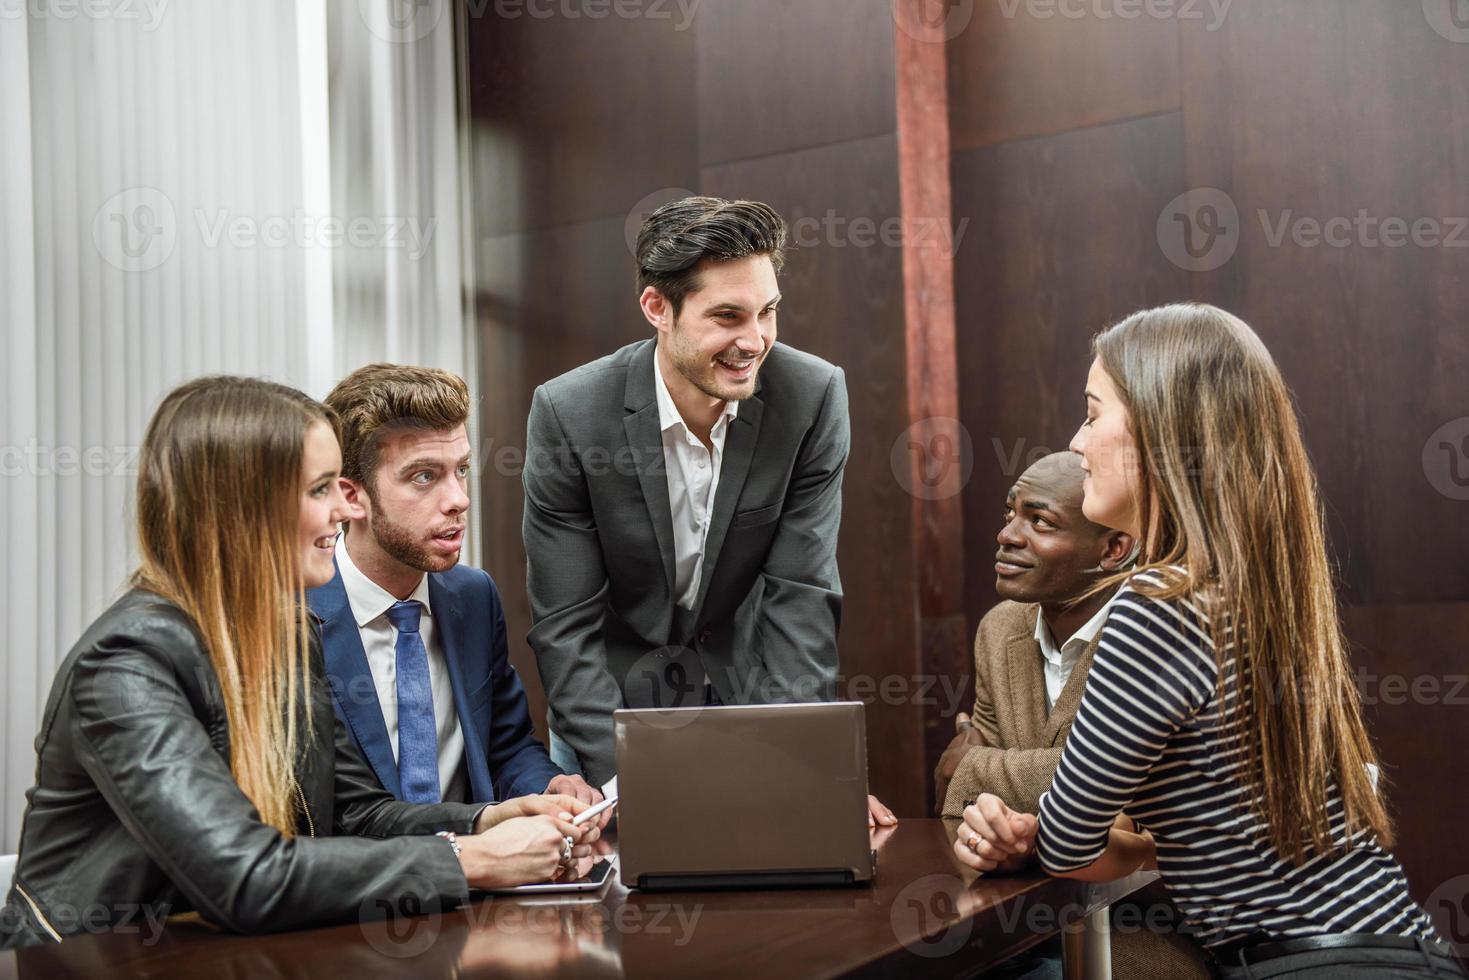 Gruppe von multiethnisch beschäftigten Menschen, die in einem Büro arbeiten foto